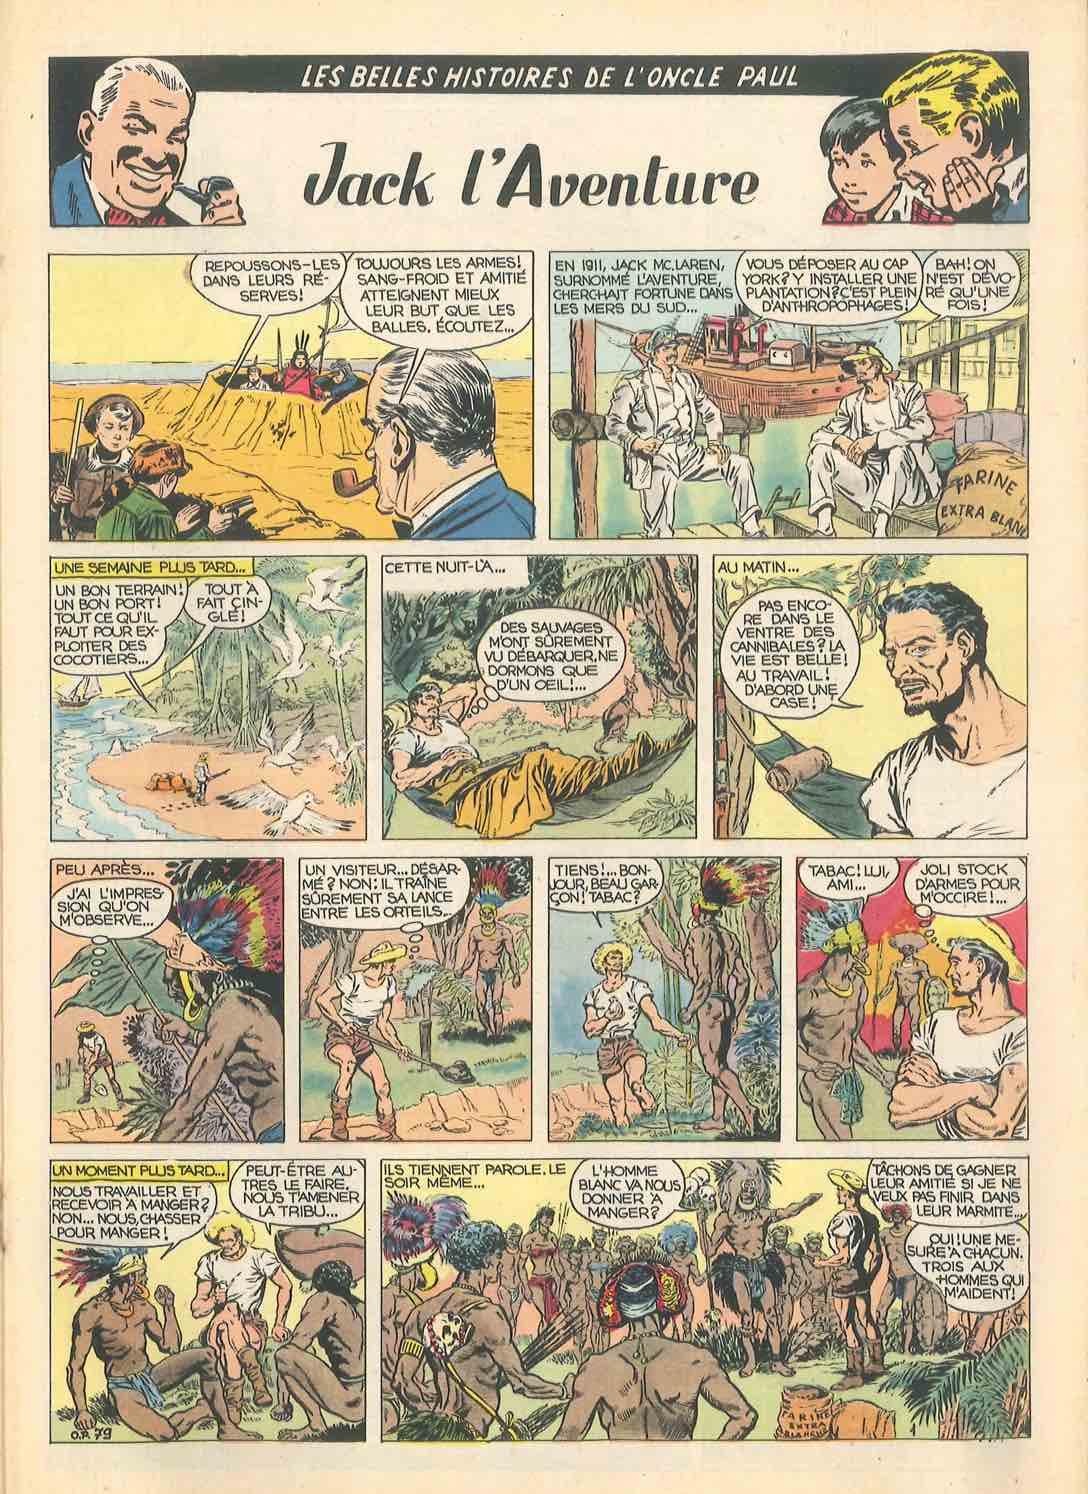 Un « Oncle Paul » imagé par Carlos Laffond, scénario d'Octave Joly, dans le n° 960 (6 septembre 1956) de Spirou.